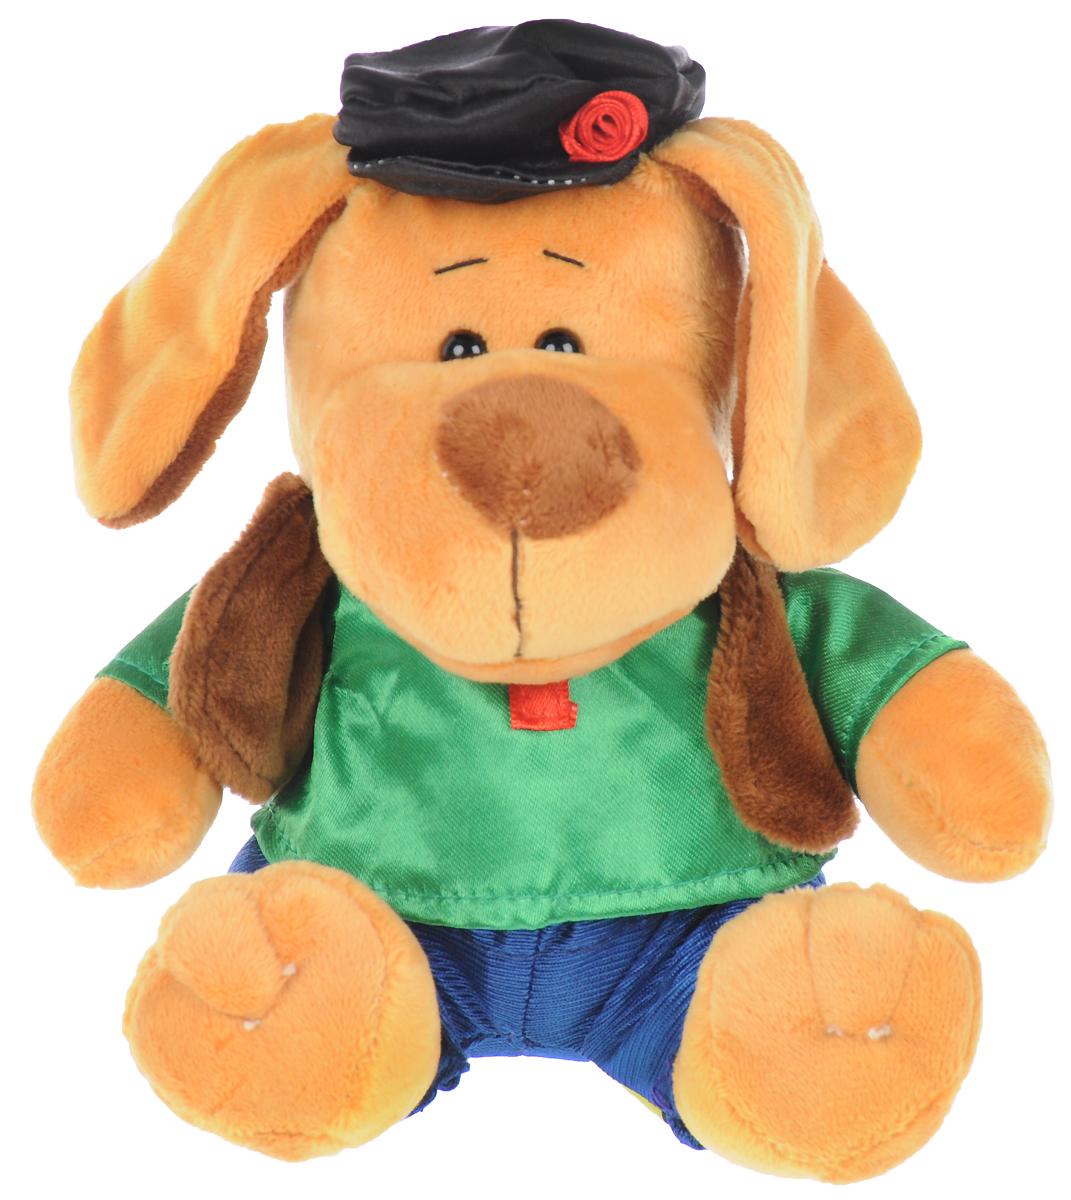 Lapa House Мягкая игрушка Собачка 15 см huile игрушка музыкальная собачка с телефоном